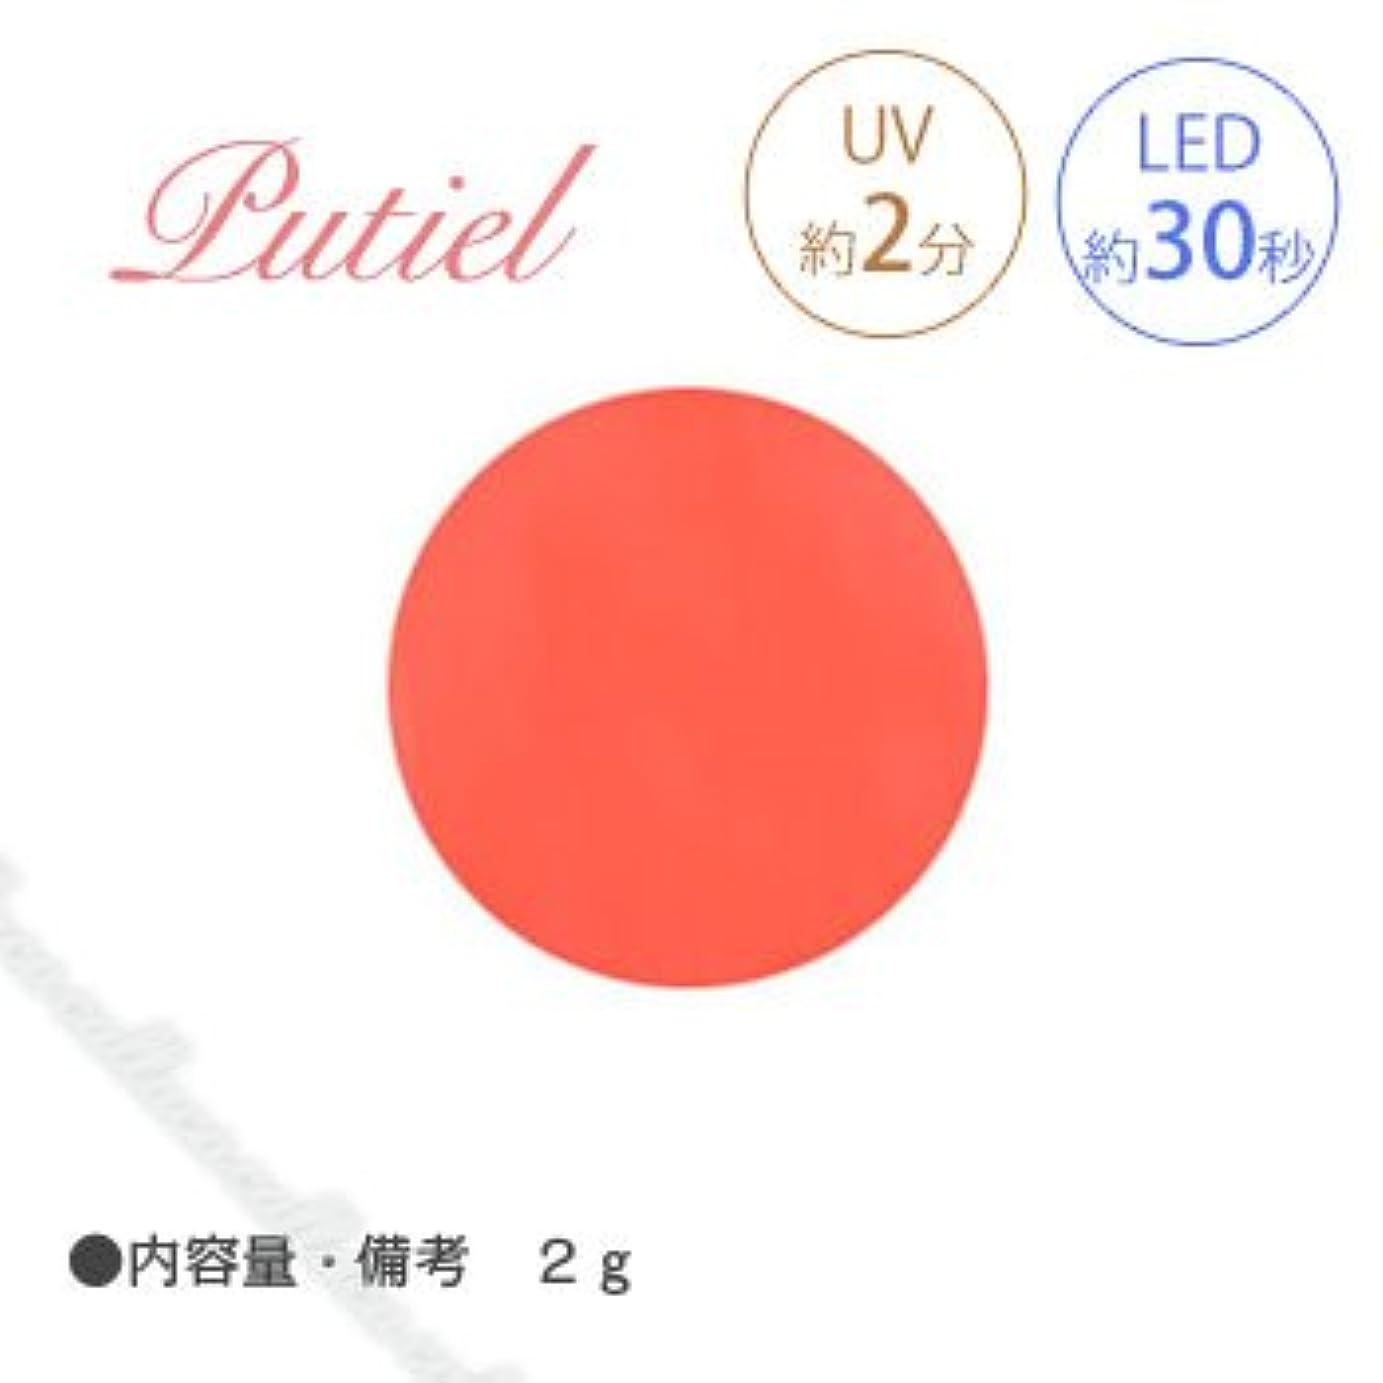 妖精鉄異なるPutiel プティール カラージェル 148 ソフトネオンオレンジ 2g